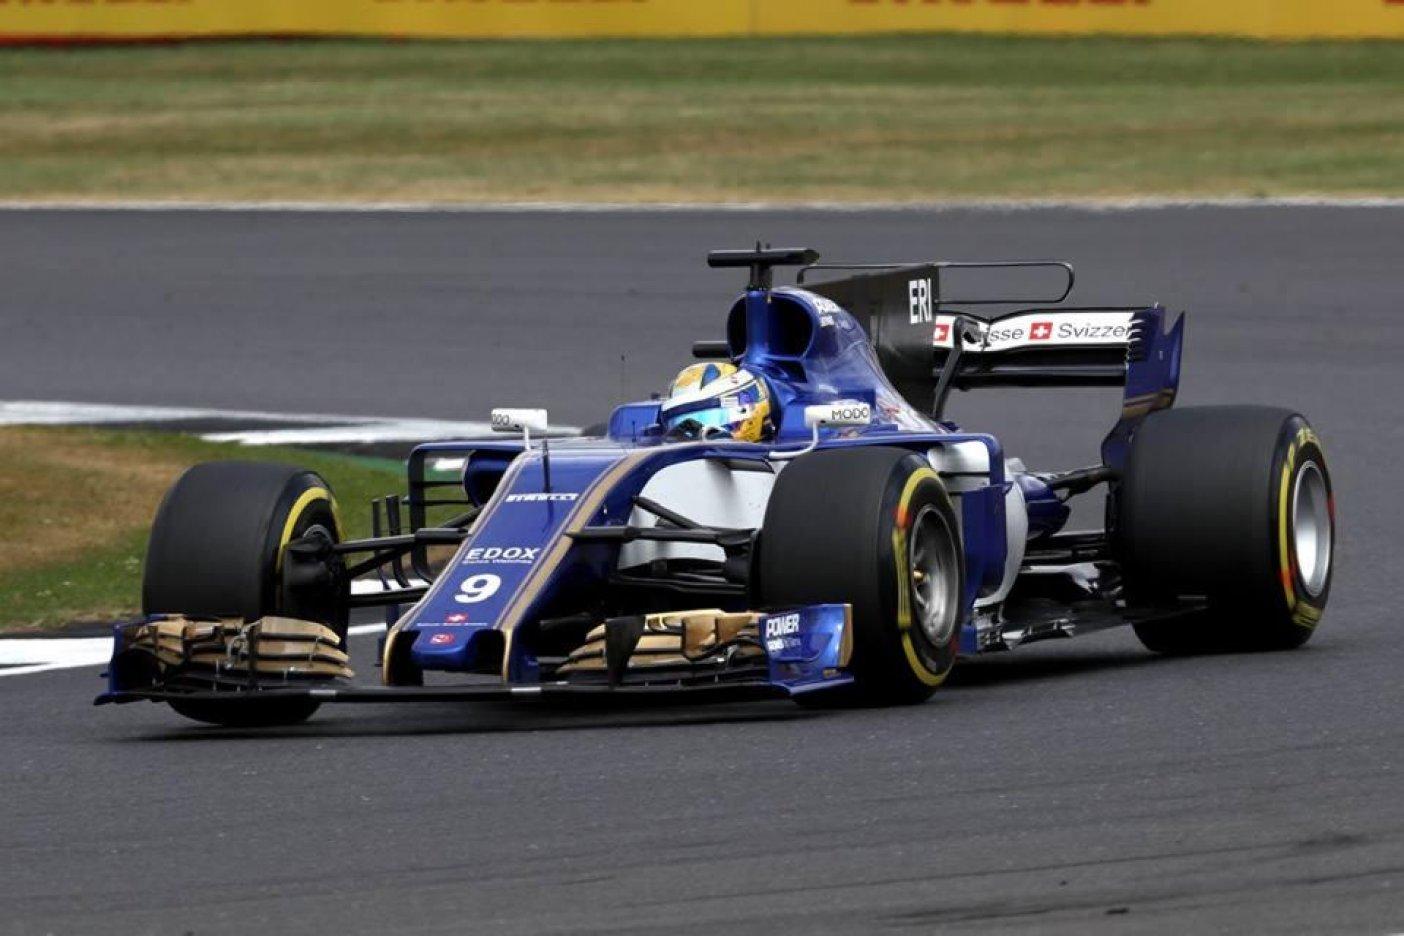 Se canceló el acuerdo entre Sauber y Honda